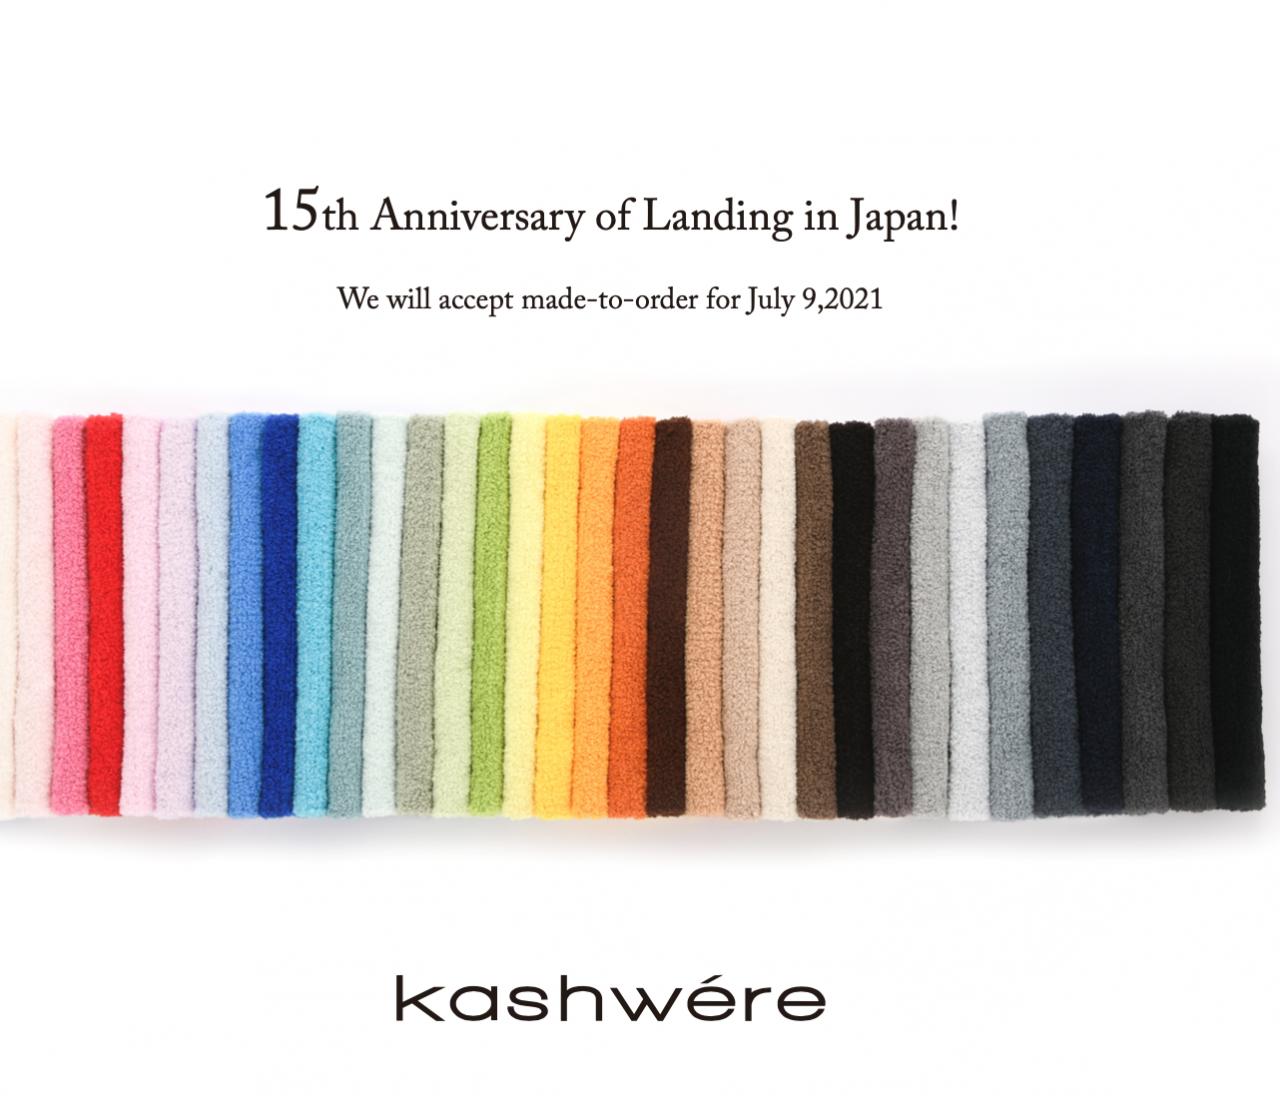 35色のブランケットを期間限定発売【「kashwére(カシウエア)」15th Anniversary キャンペーン】開催!